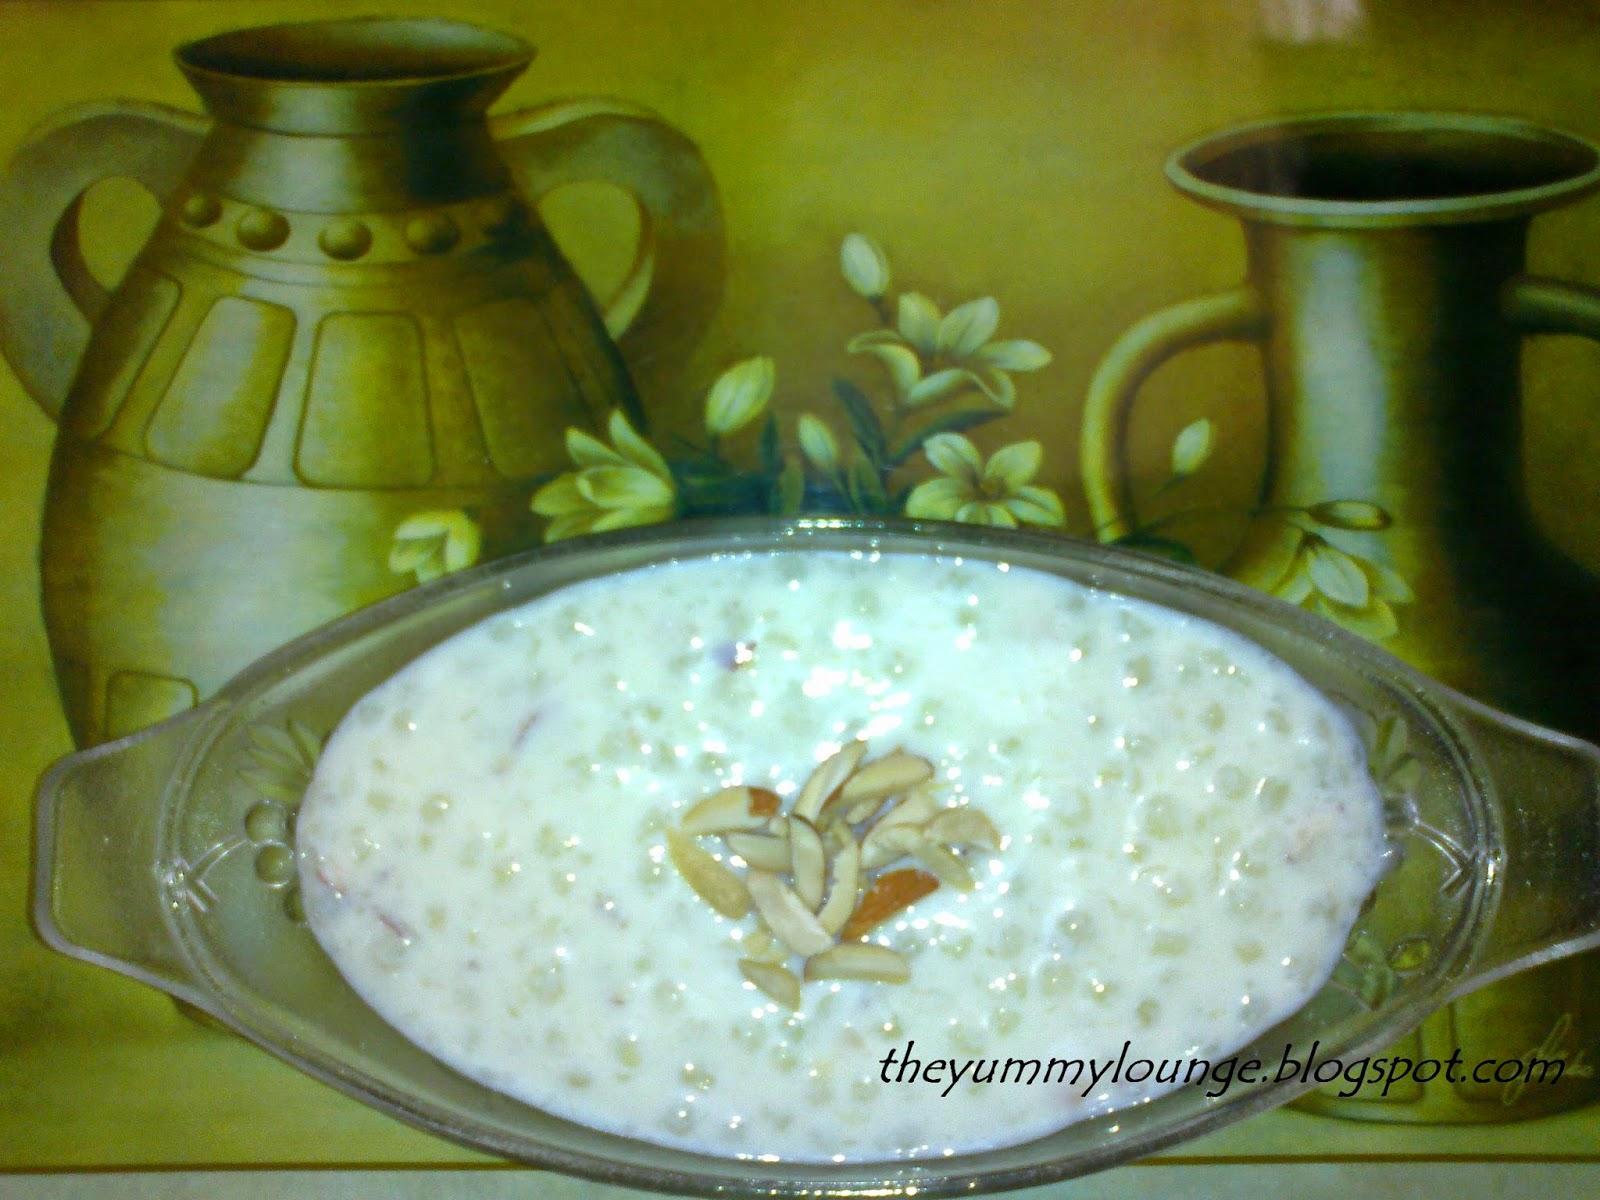 Sabudana Khir Recipe Tapioca Pudding